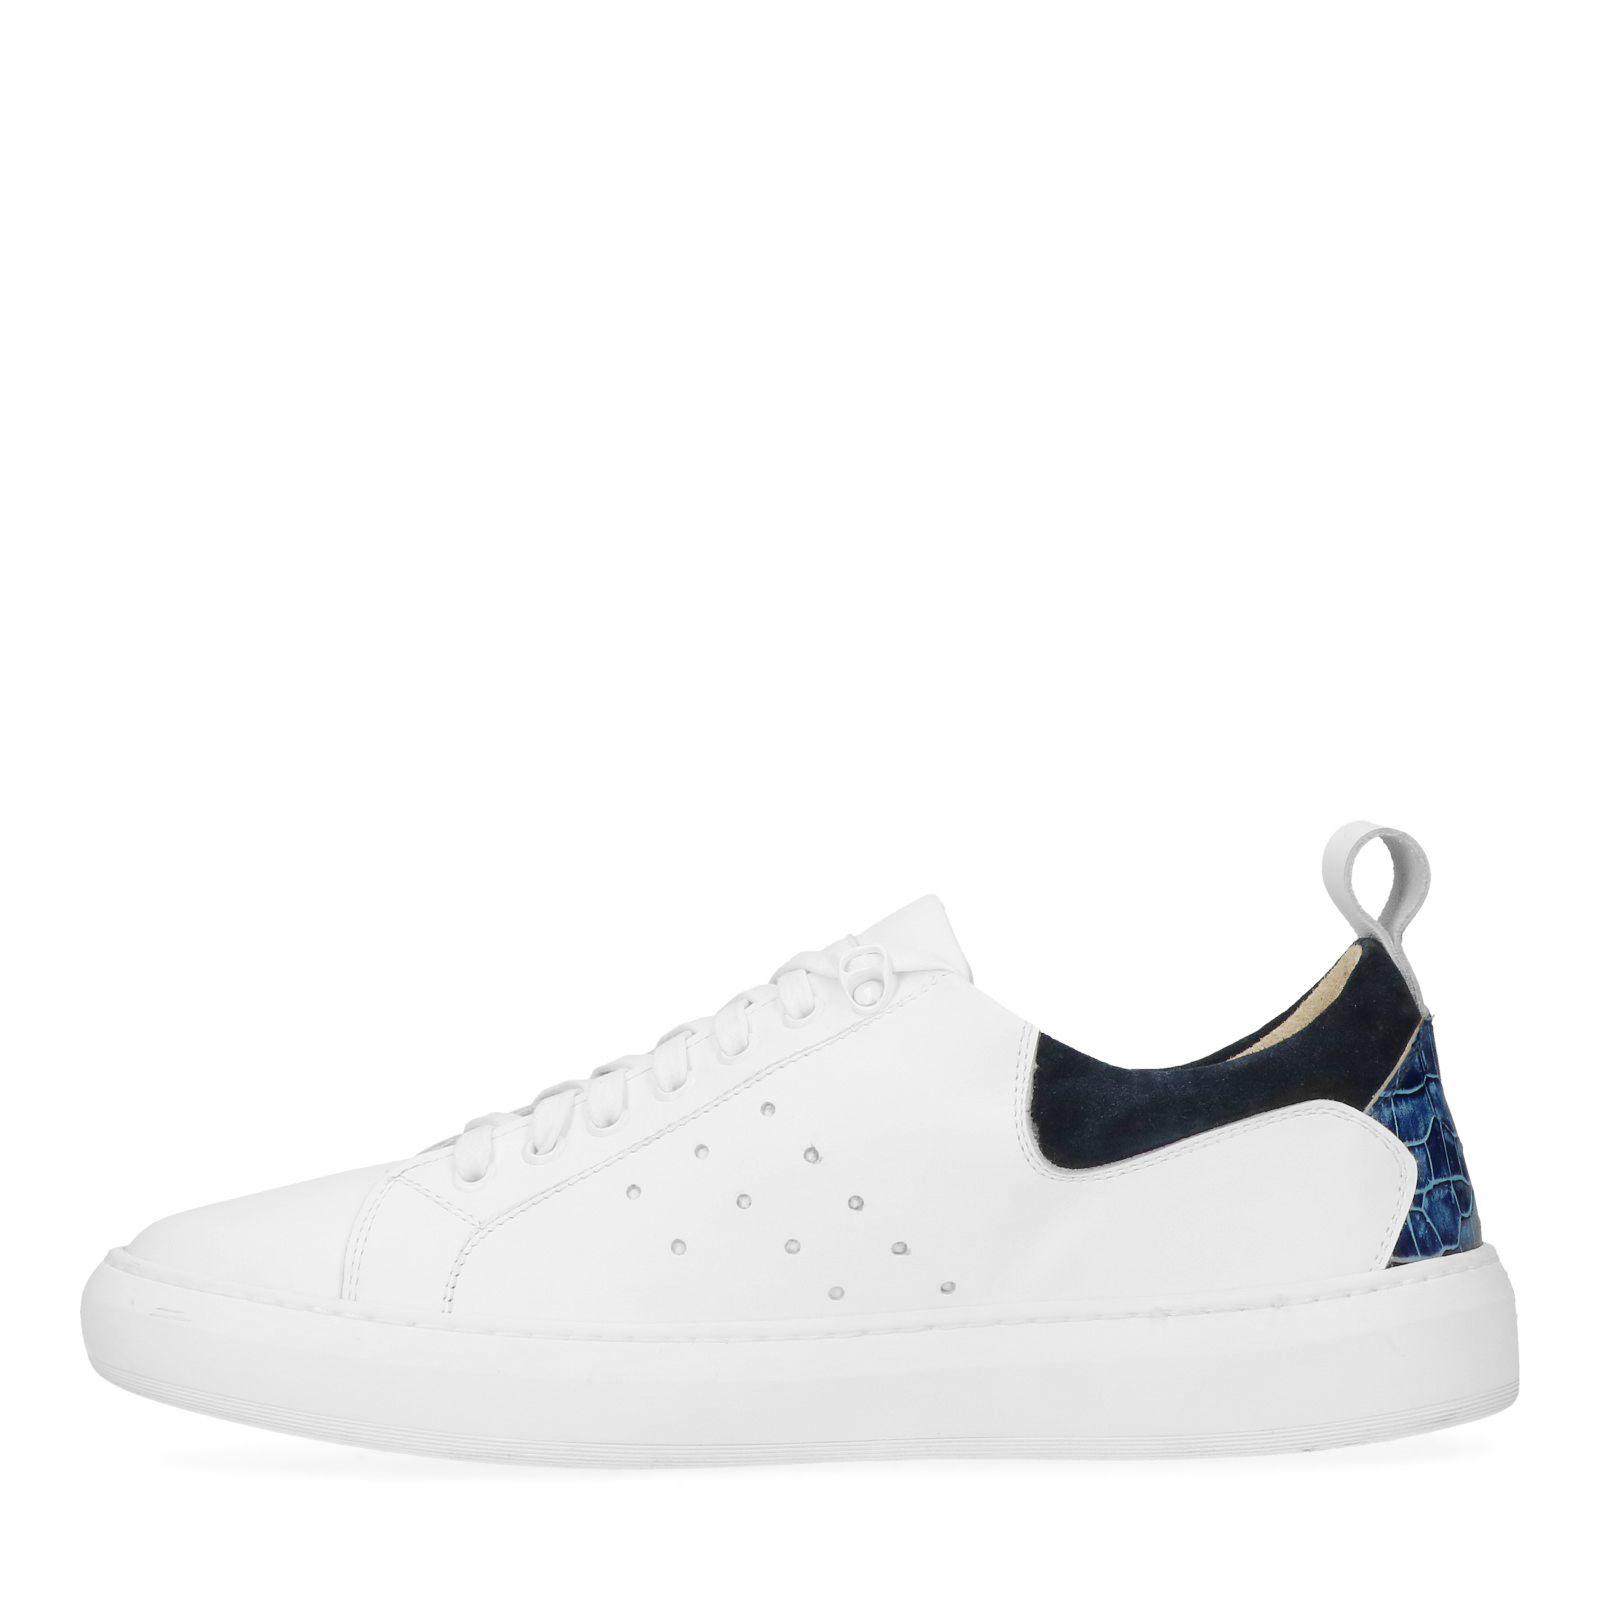 Weiße Leder Sneaker mit blauen Akzenten